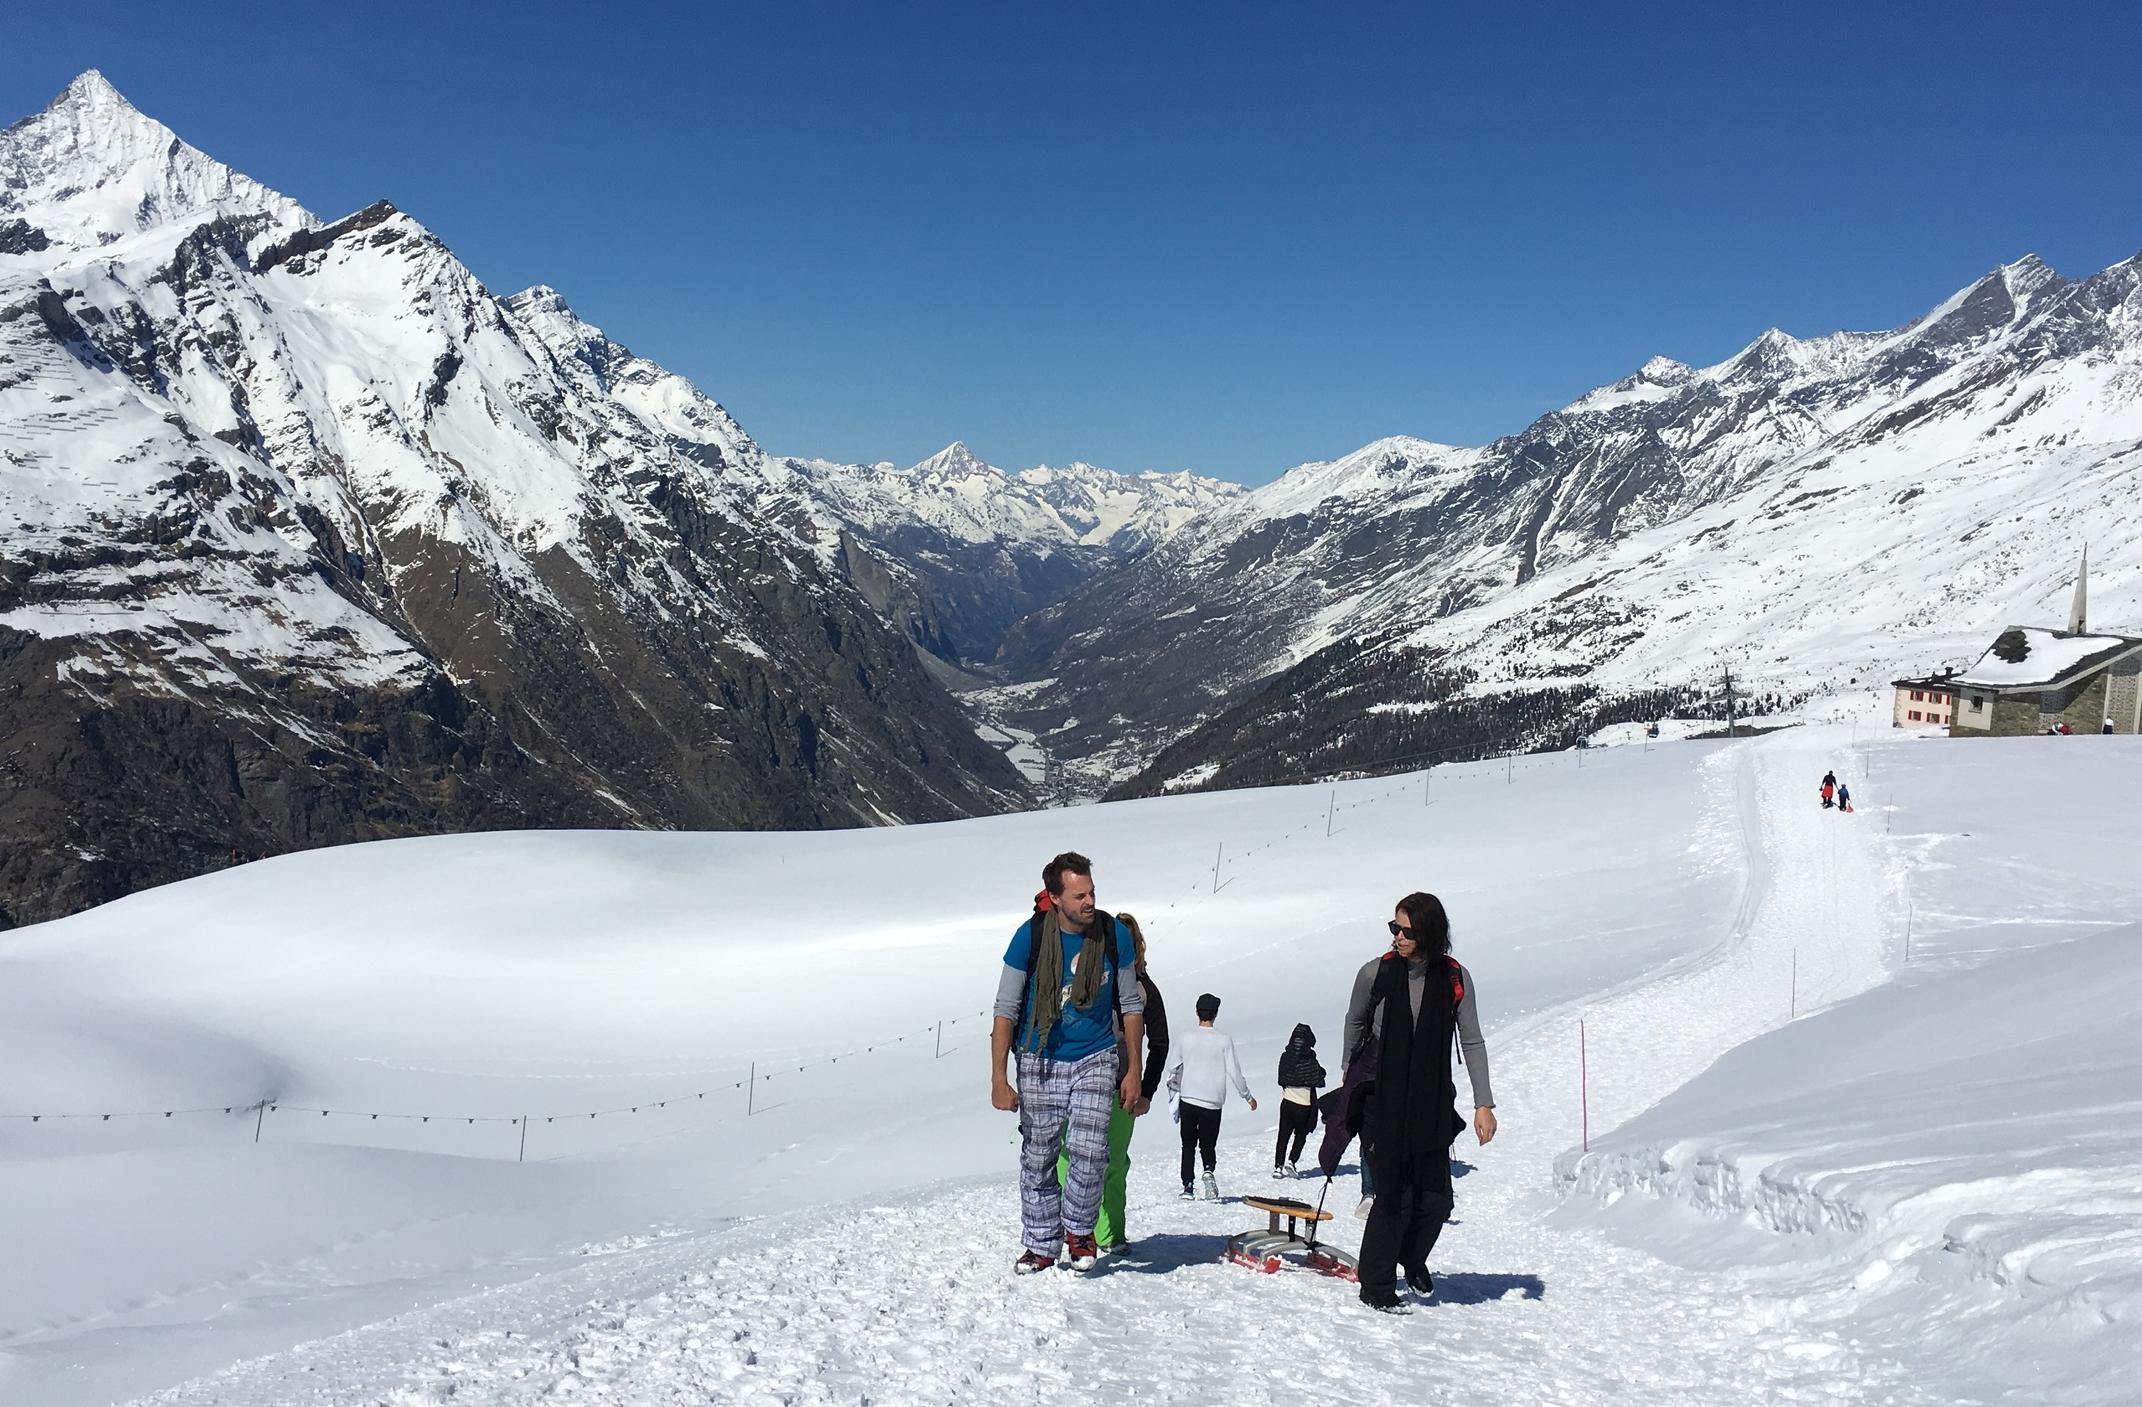 Además de las pistas para esquiar, existen otras rutas exclusivas para caminantes; que están abiertas en invierno y verano. Foto: Bruny Nieves